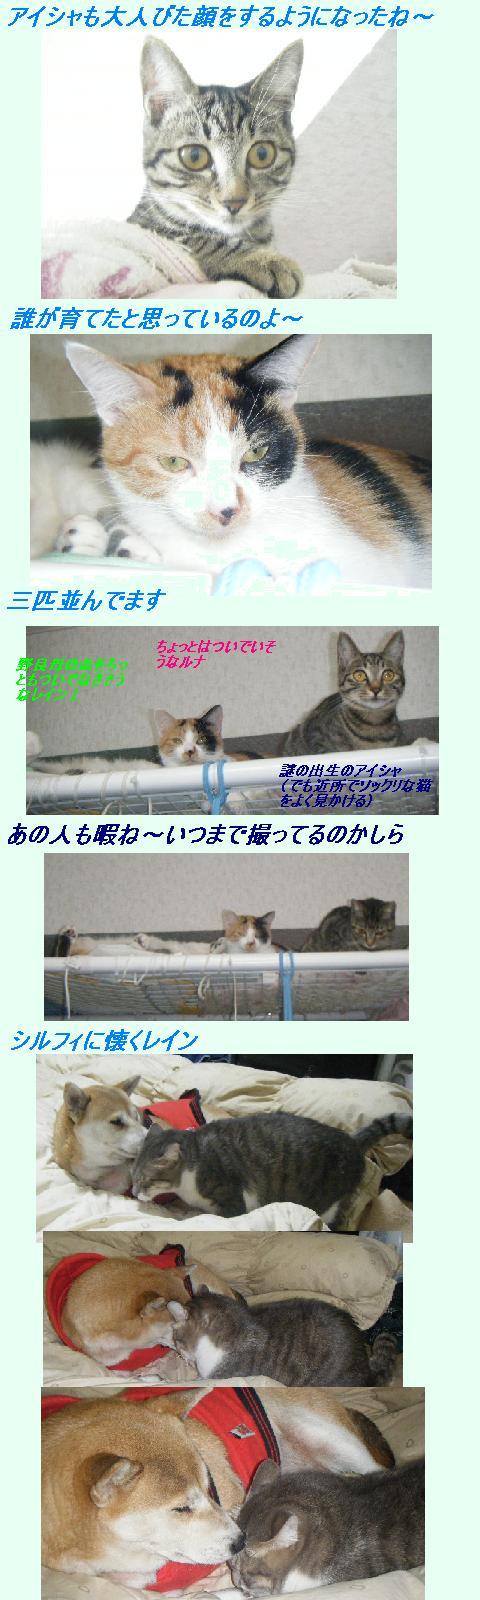 b0112380_17295841.jpg